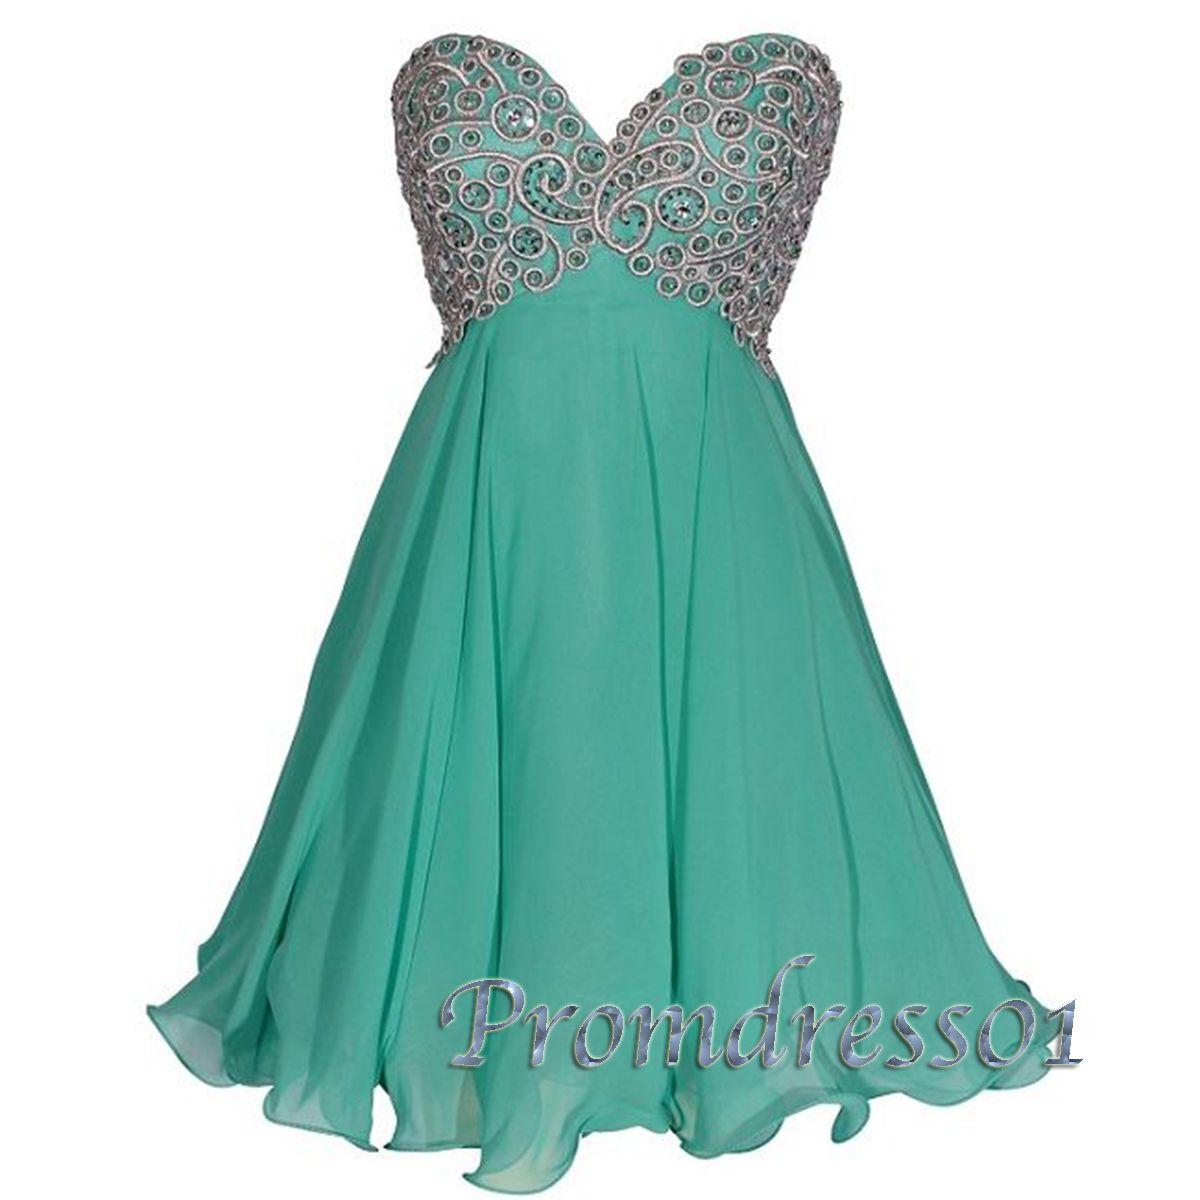 2015 Cute Modest Sweetheart Green Short Prom Dress Ball Gown Homecoming Cute Dress For Tens Green Homecoming Dresses Cute Prom Dresses Sweetheart Long Dress [ 1200 x 1200 Pixel ]